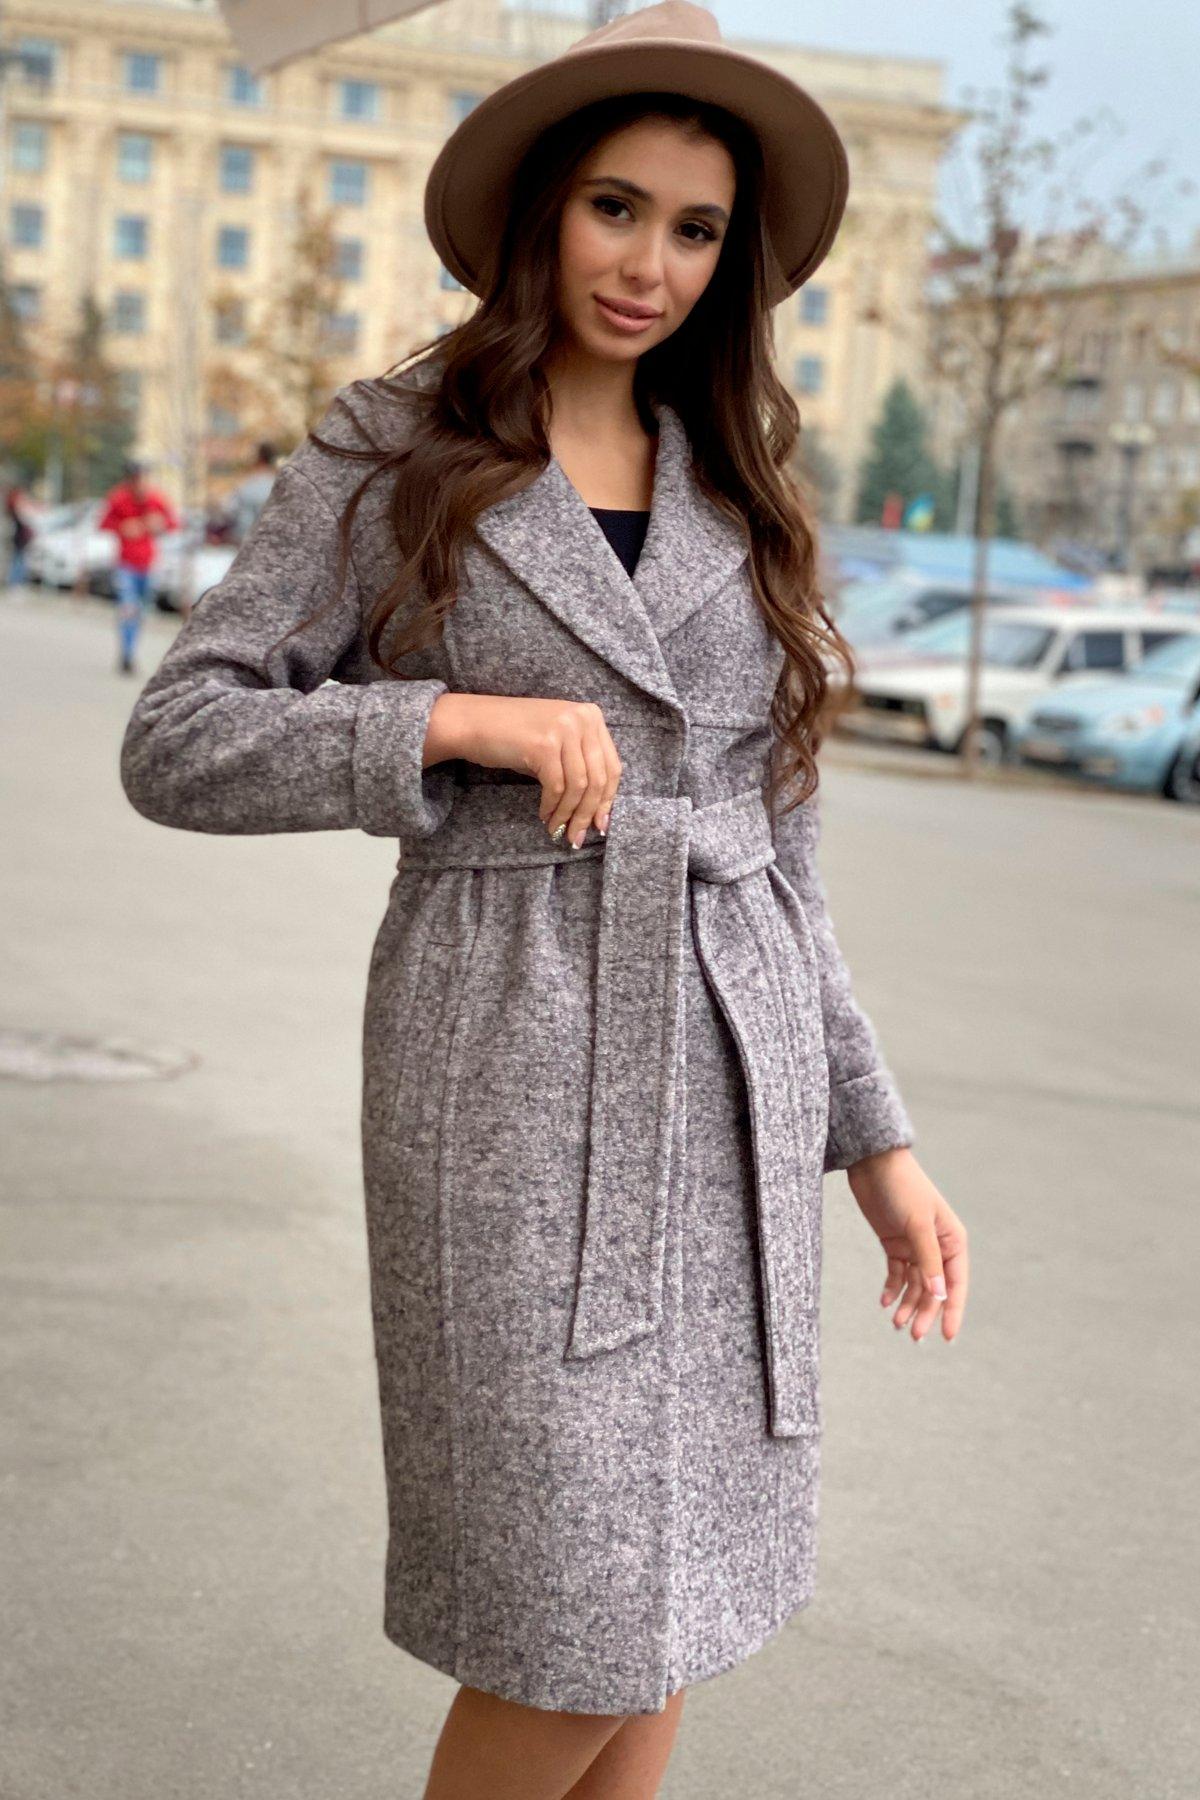 Пальто весна-осень c приспущенной линией плеча Фентези лайт 6365 АРТ. 41230 Цвет: Серо-розовый LW-25 - фото 7, интернет магазин tm-modus.ru